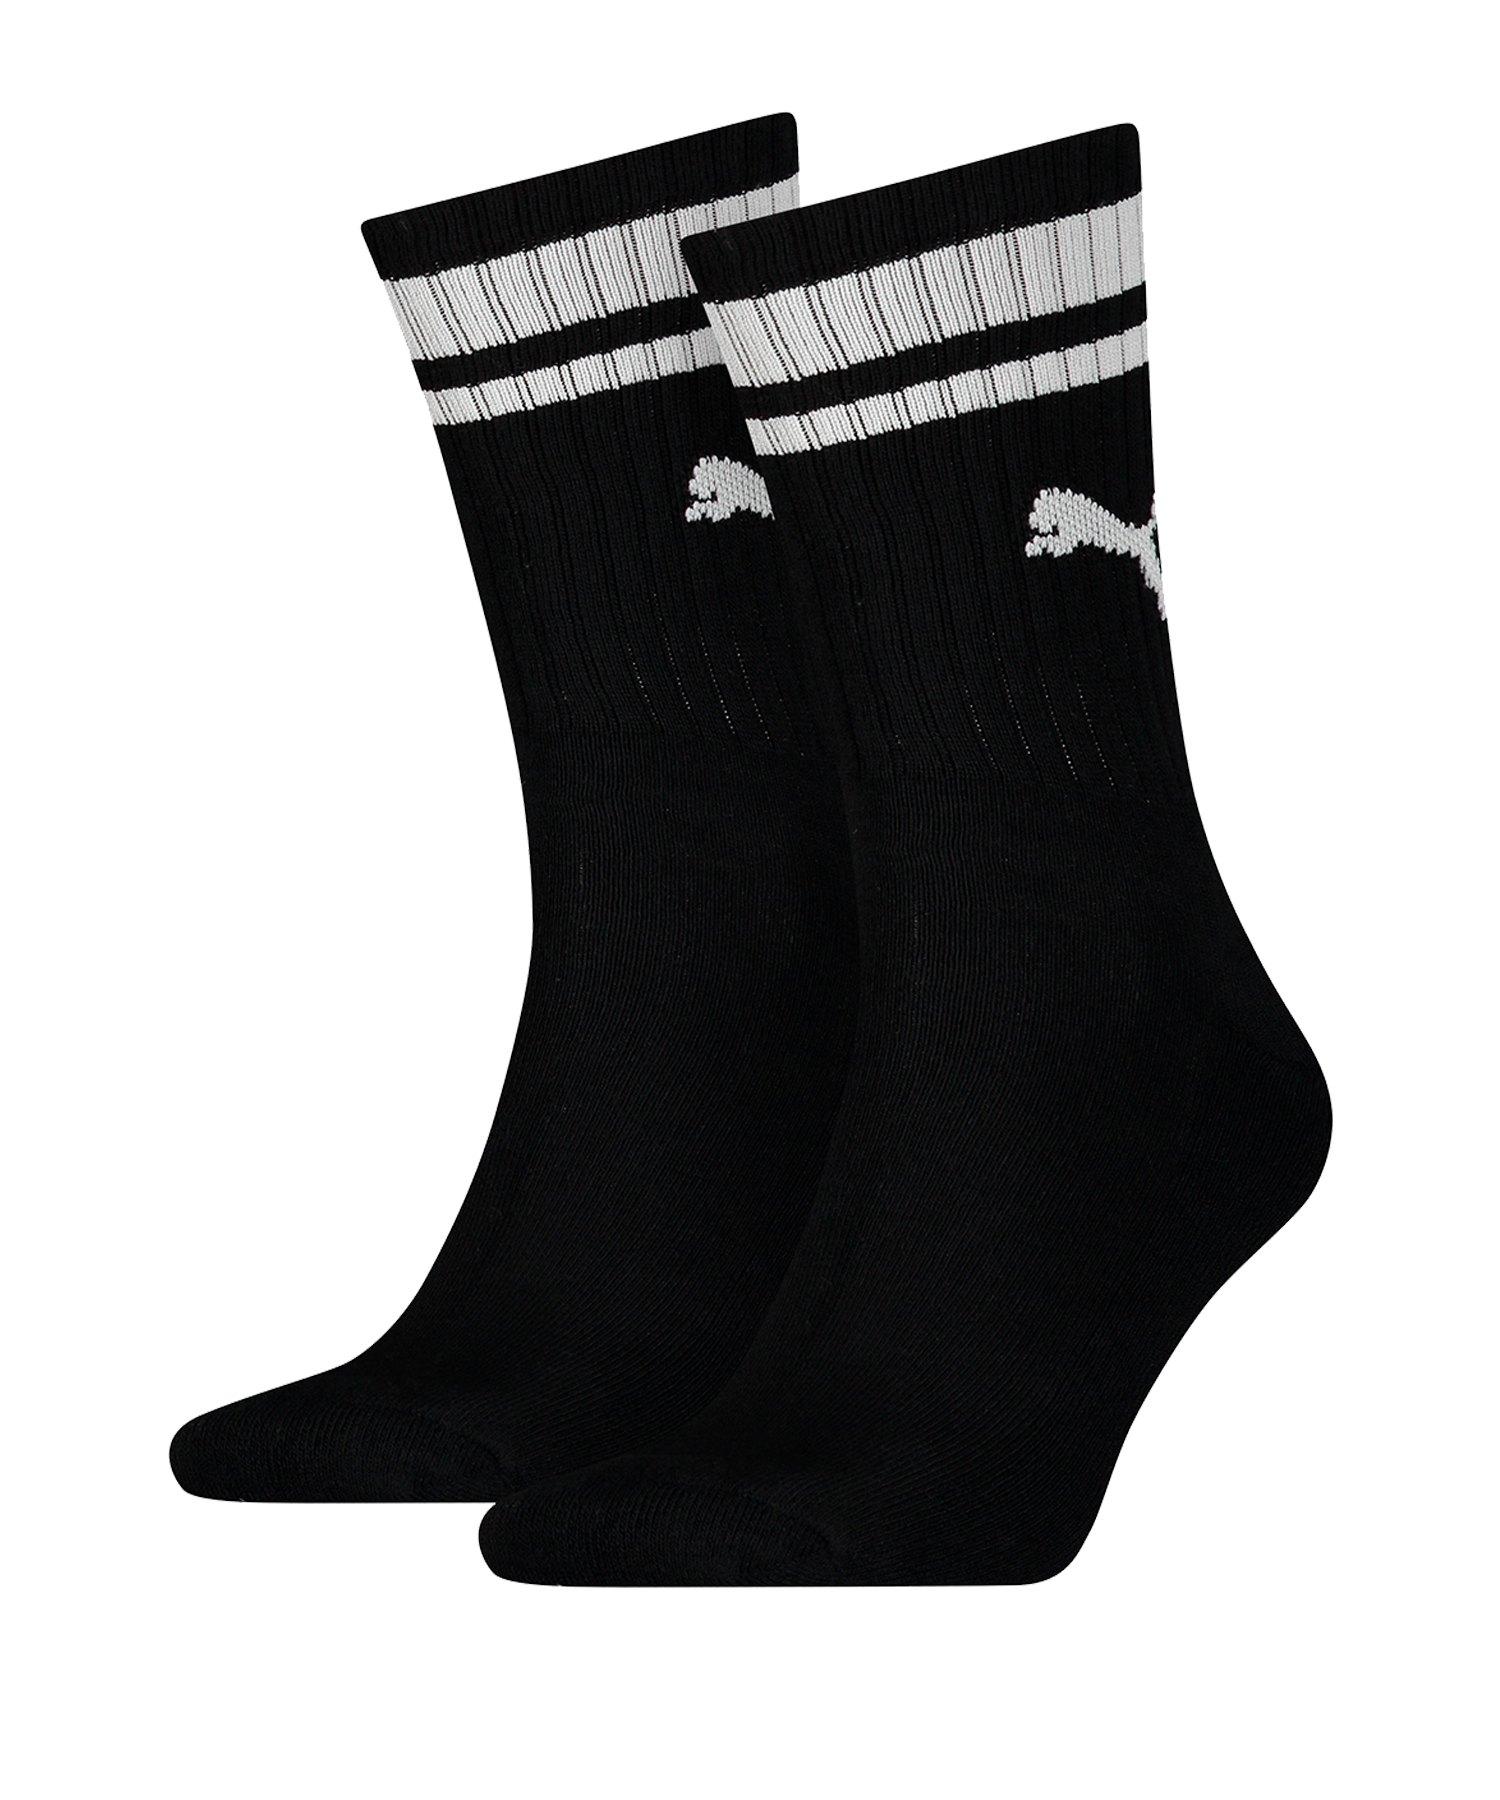 PUMA Crew Heritage Stripe 2er Pack Socken F200 - schwarz